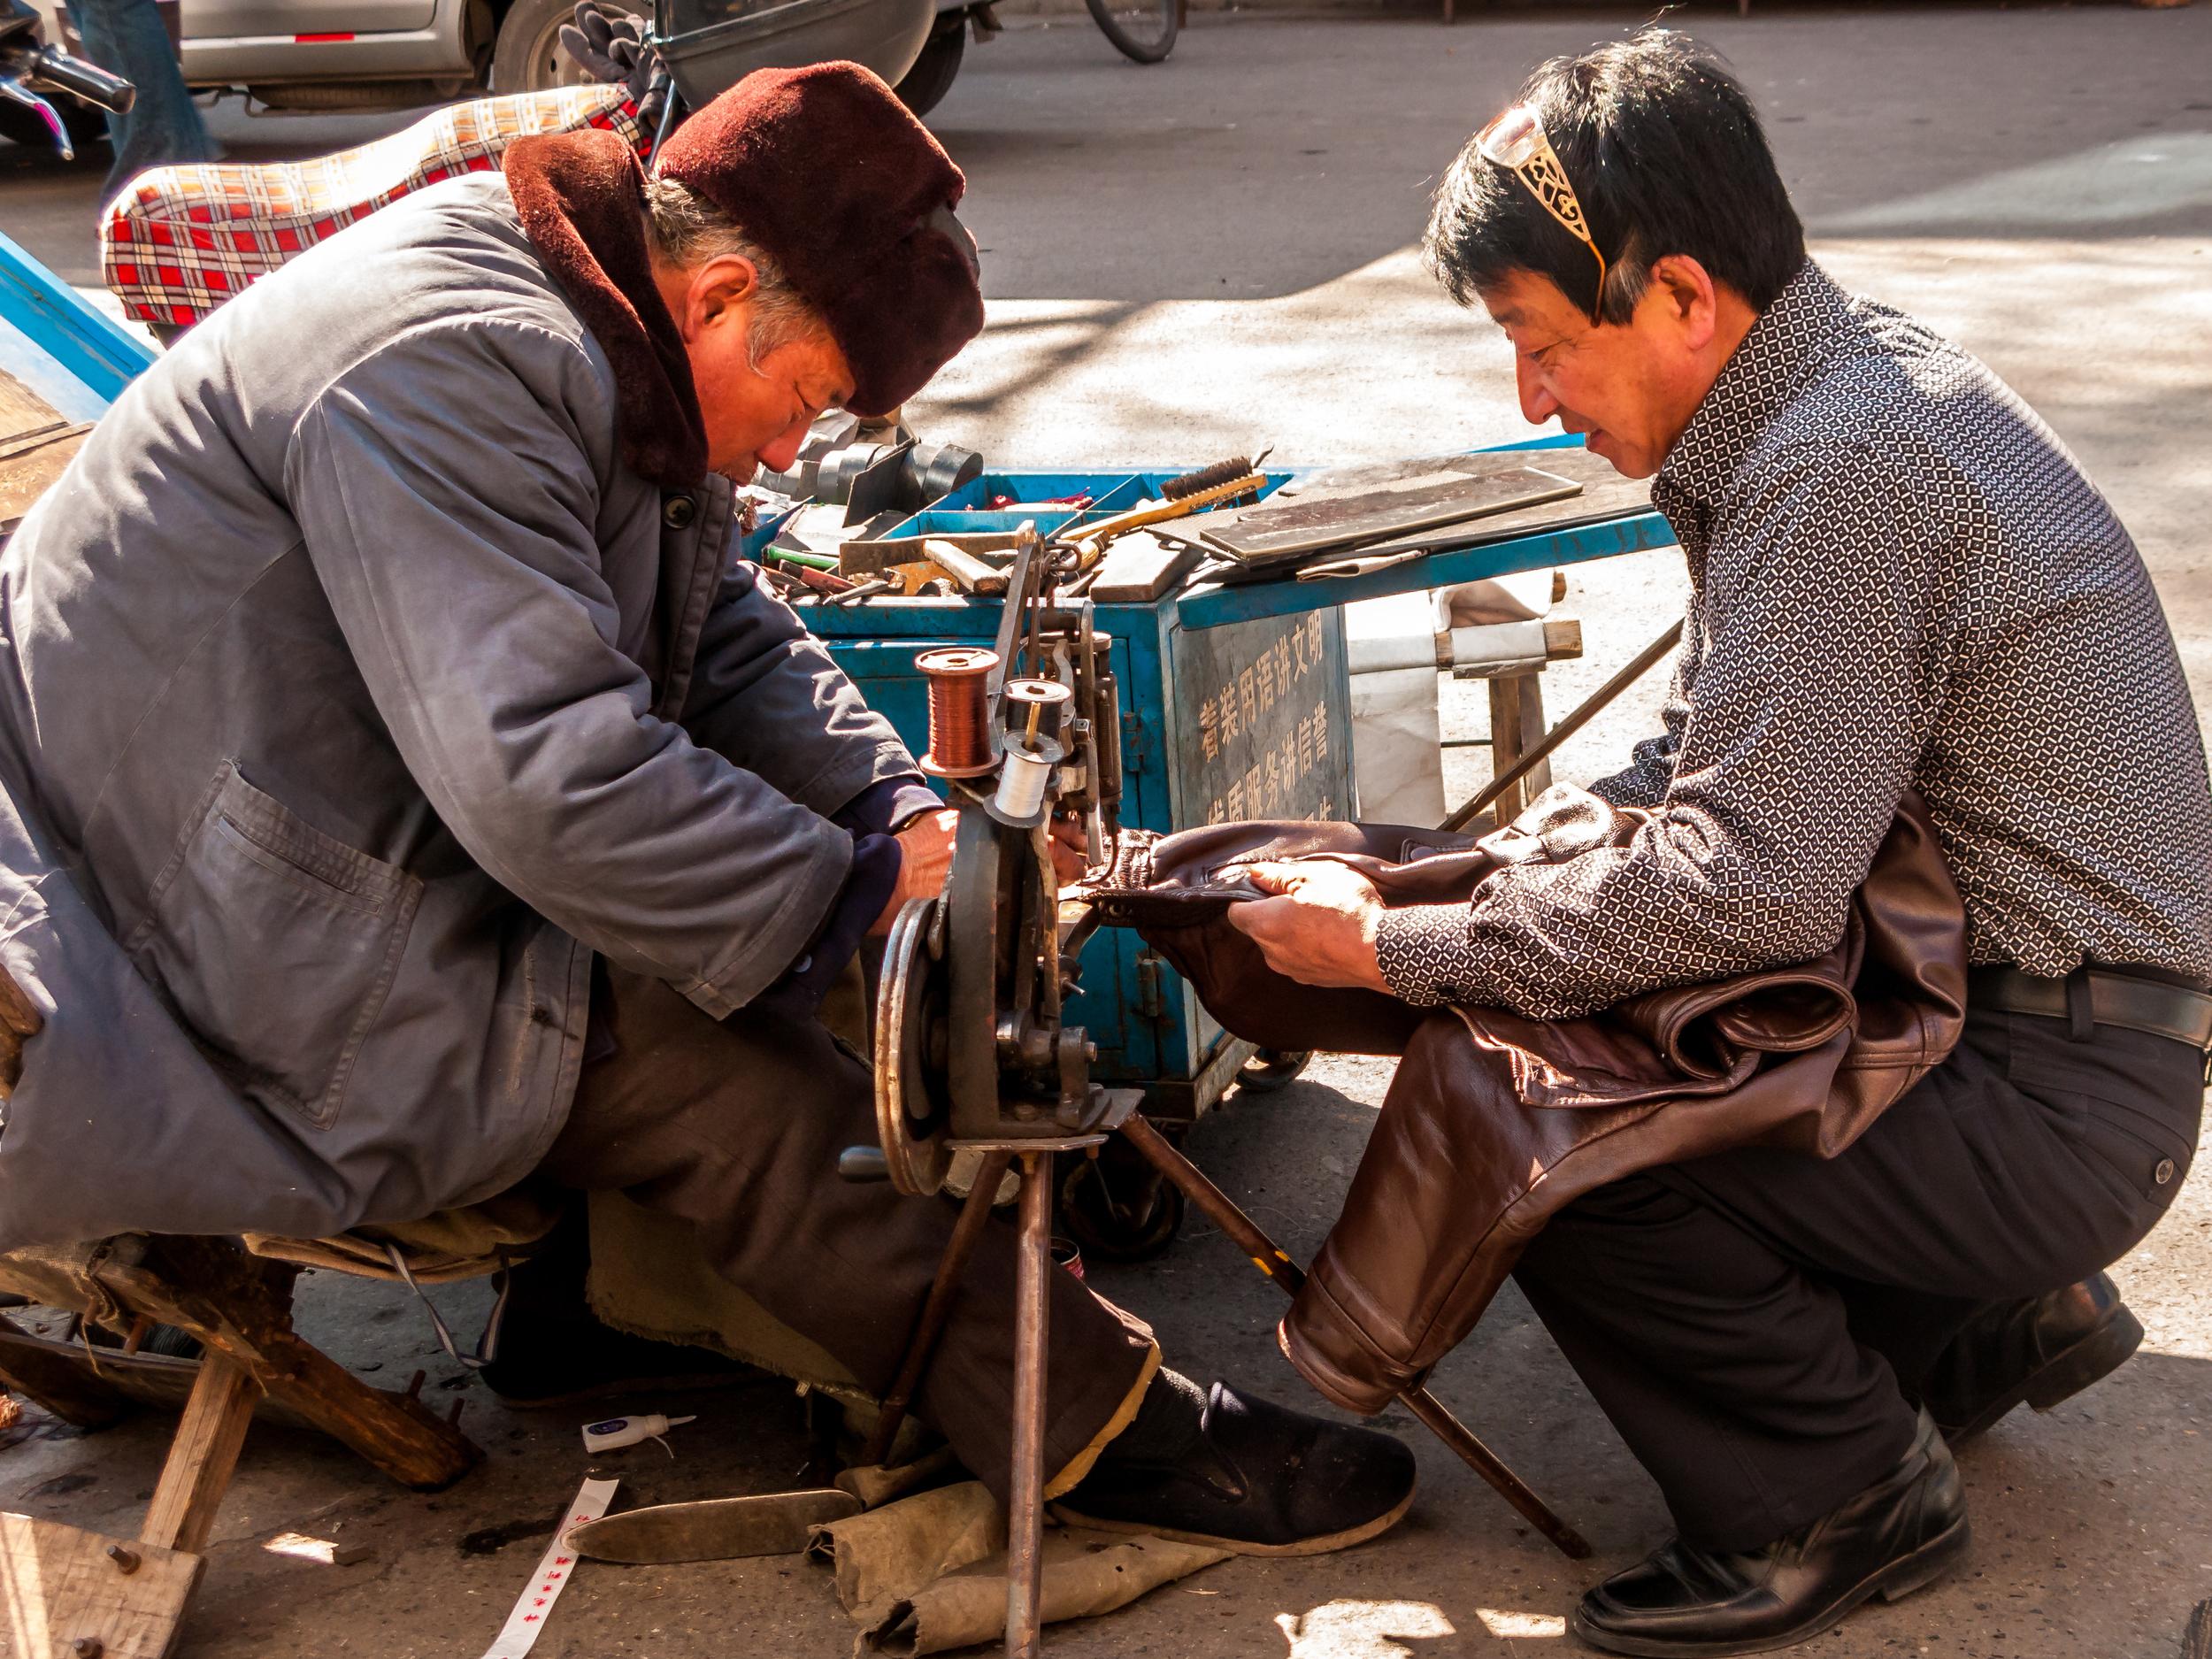 Street repairs, China.